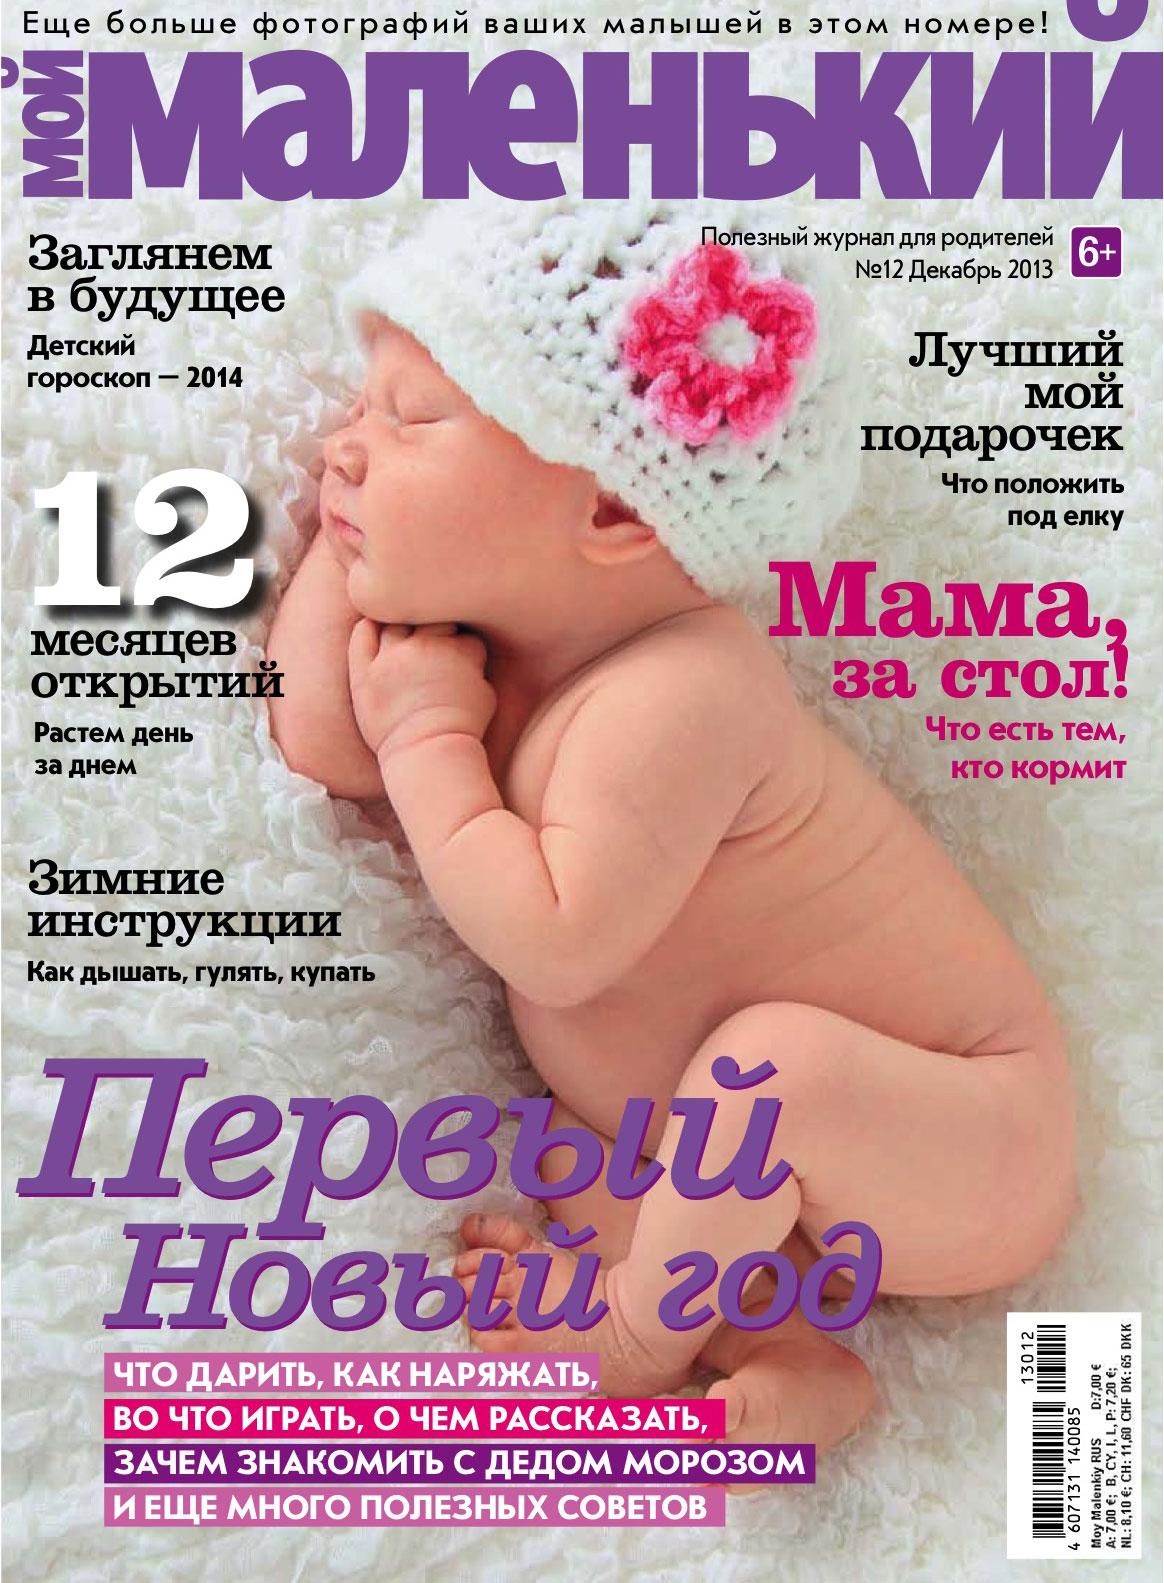 Журнал 'Мой маленький'. Конкурс 'Лучшая новогодняя обложка 2014'